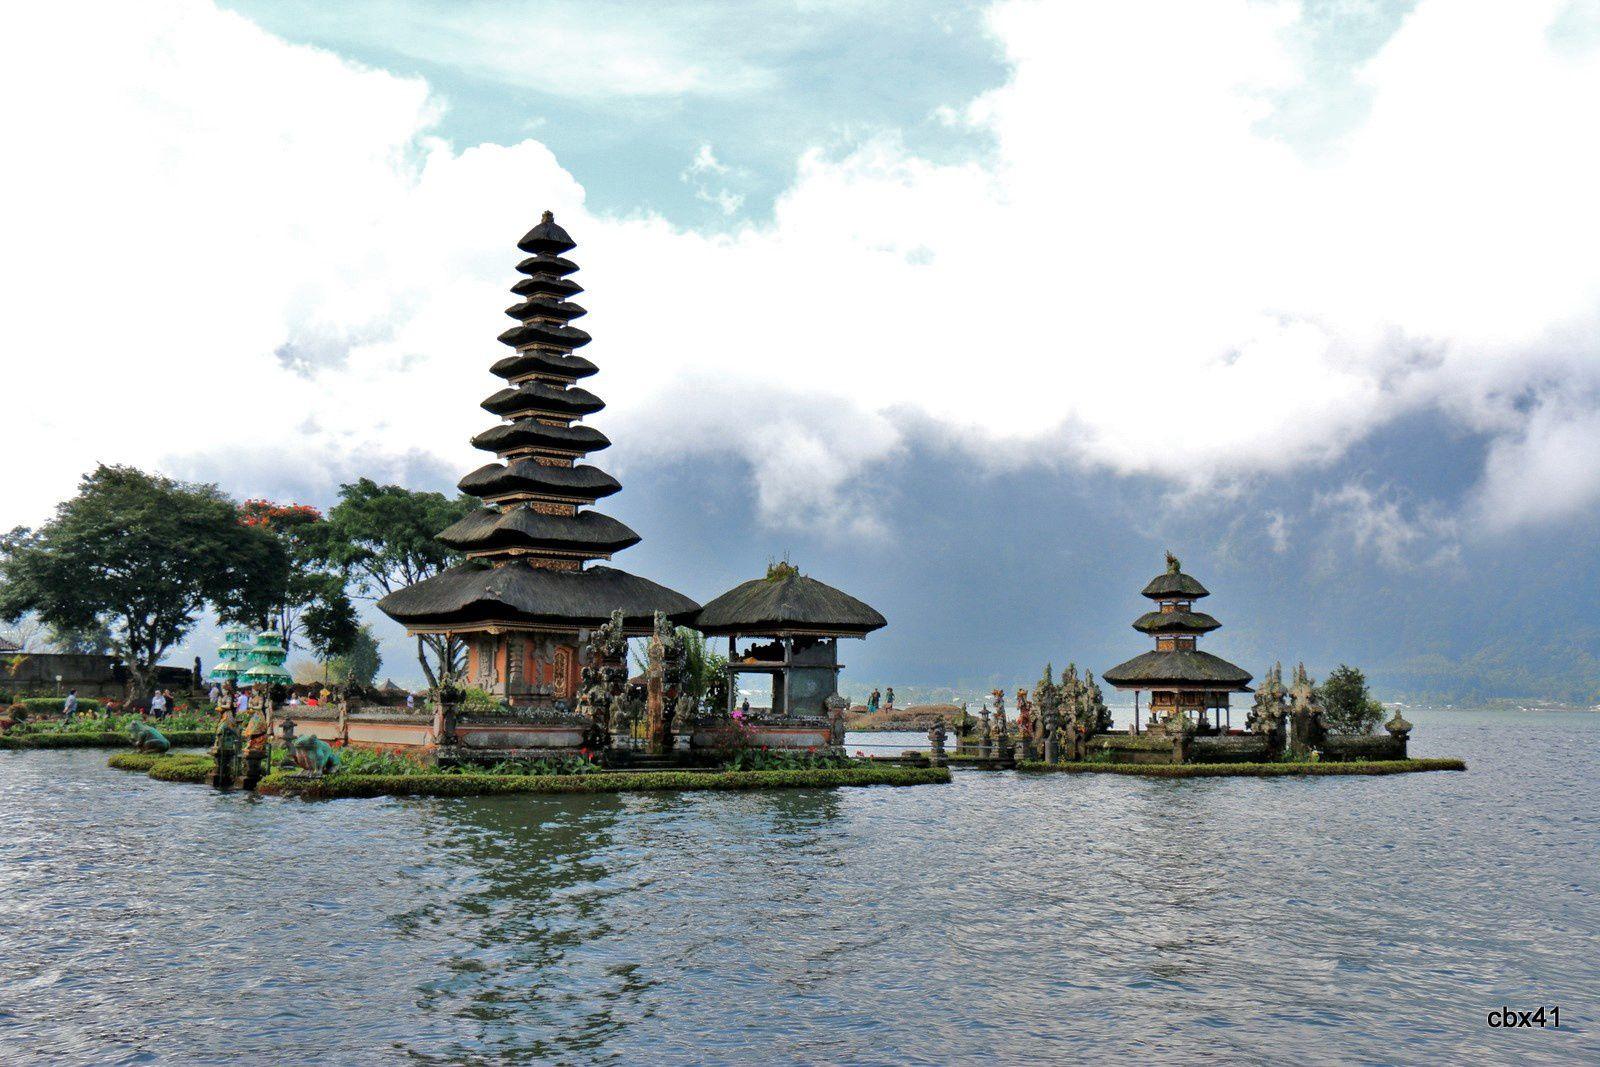 Temple Ulun Danu de Candikuning (Tabanan, Bali), constructions sur l'eau